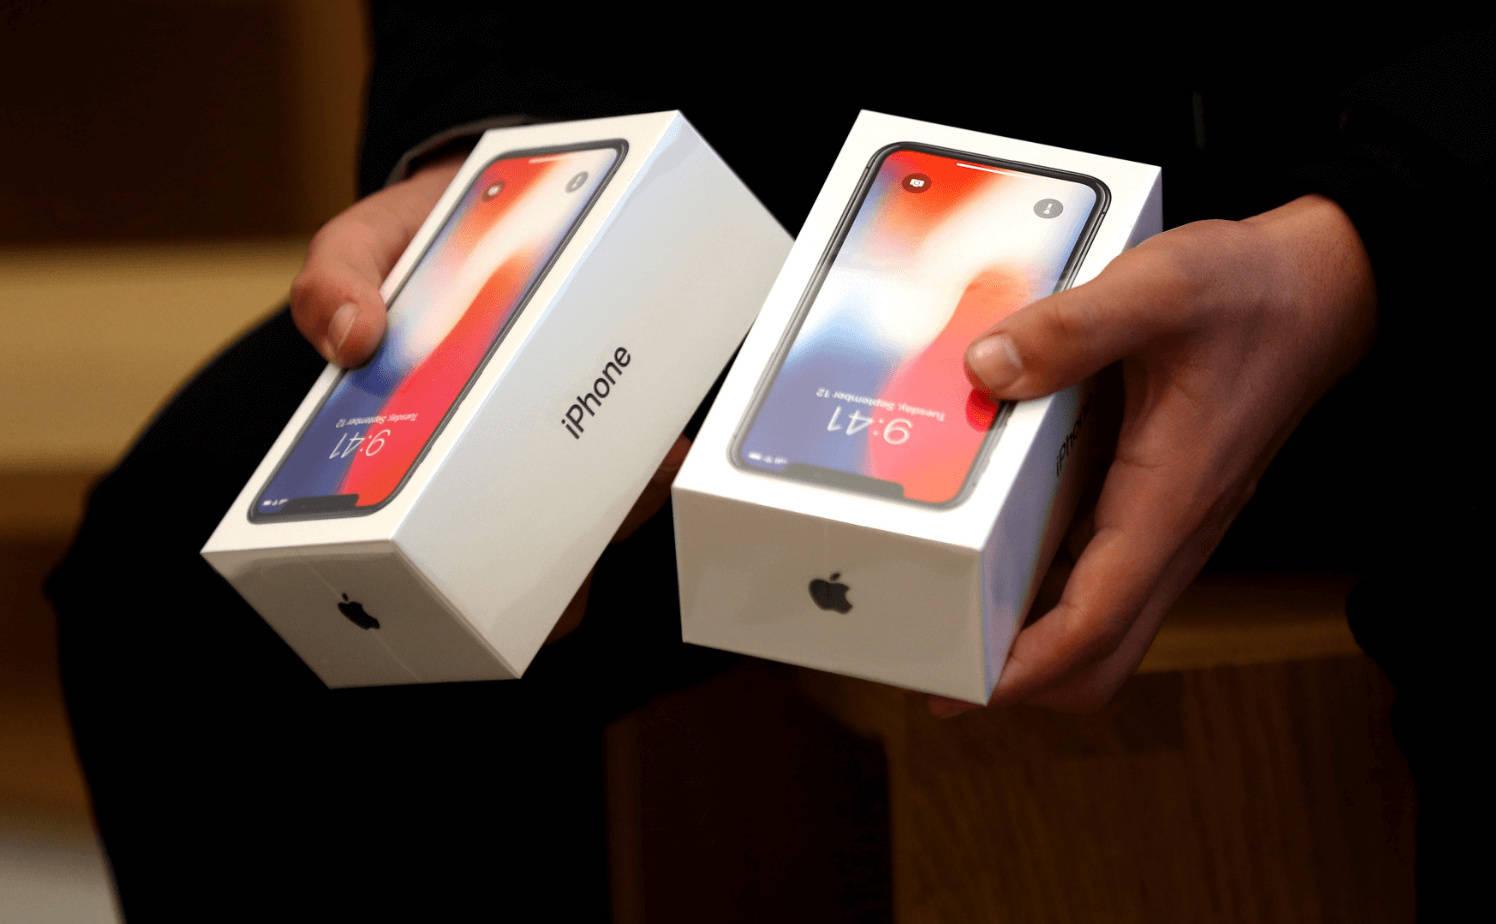 去年最保值的手机依旧是 iPhone,但第二代 SE 贬值率远超平均水平